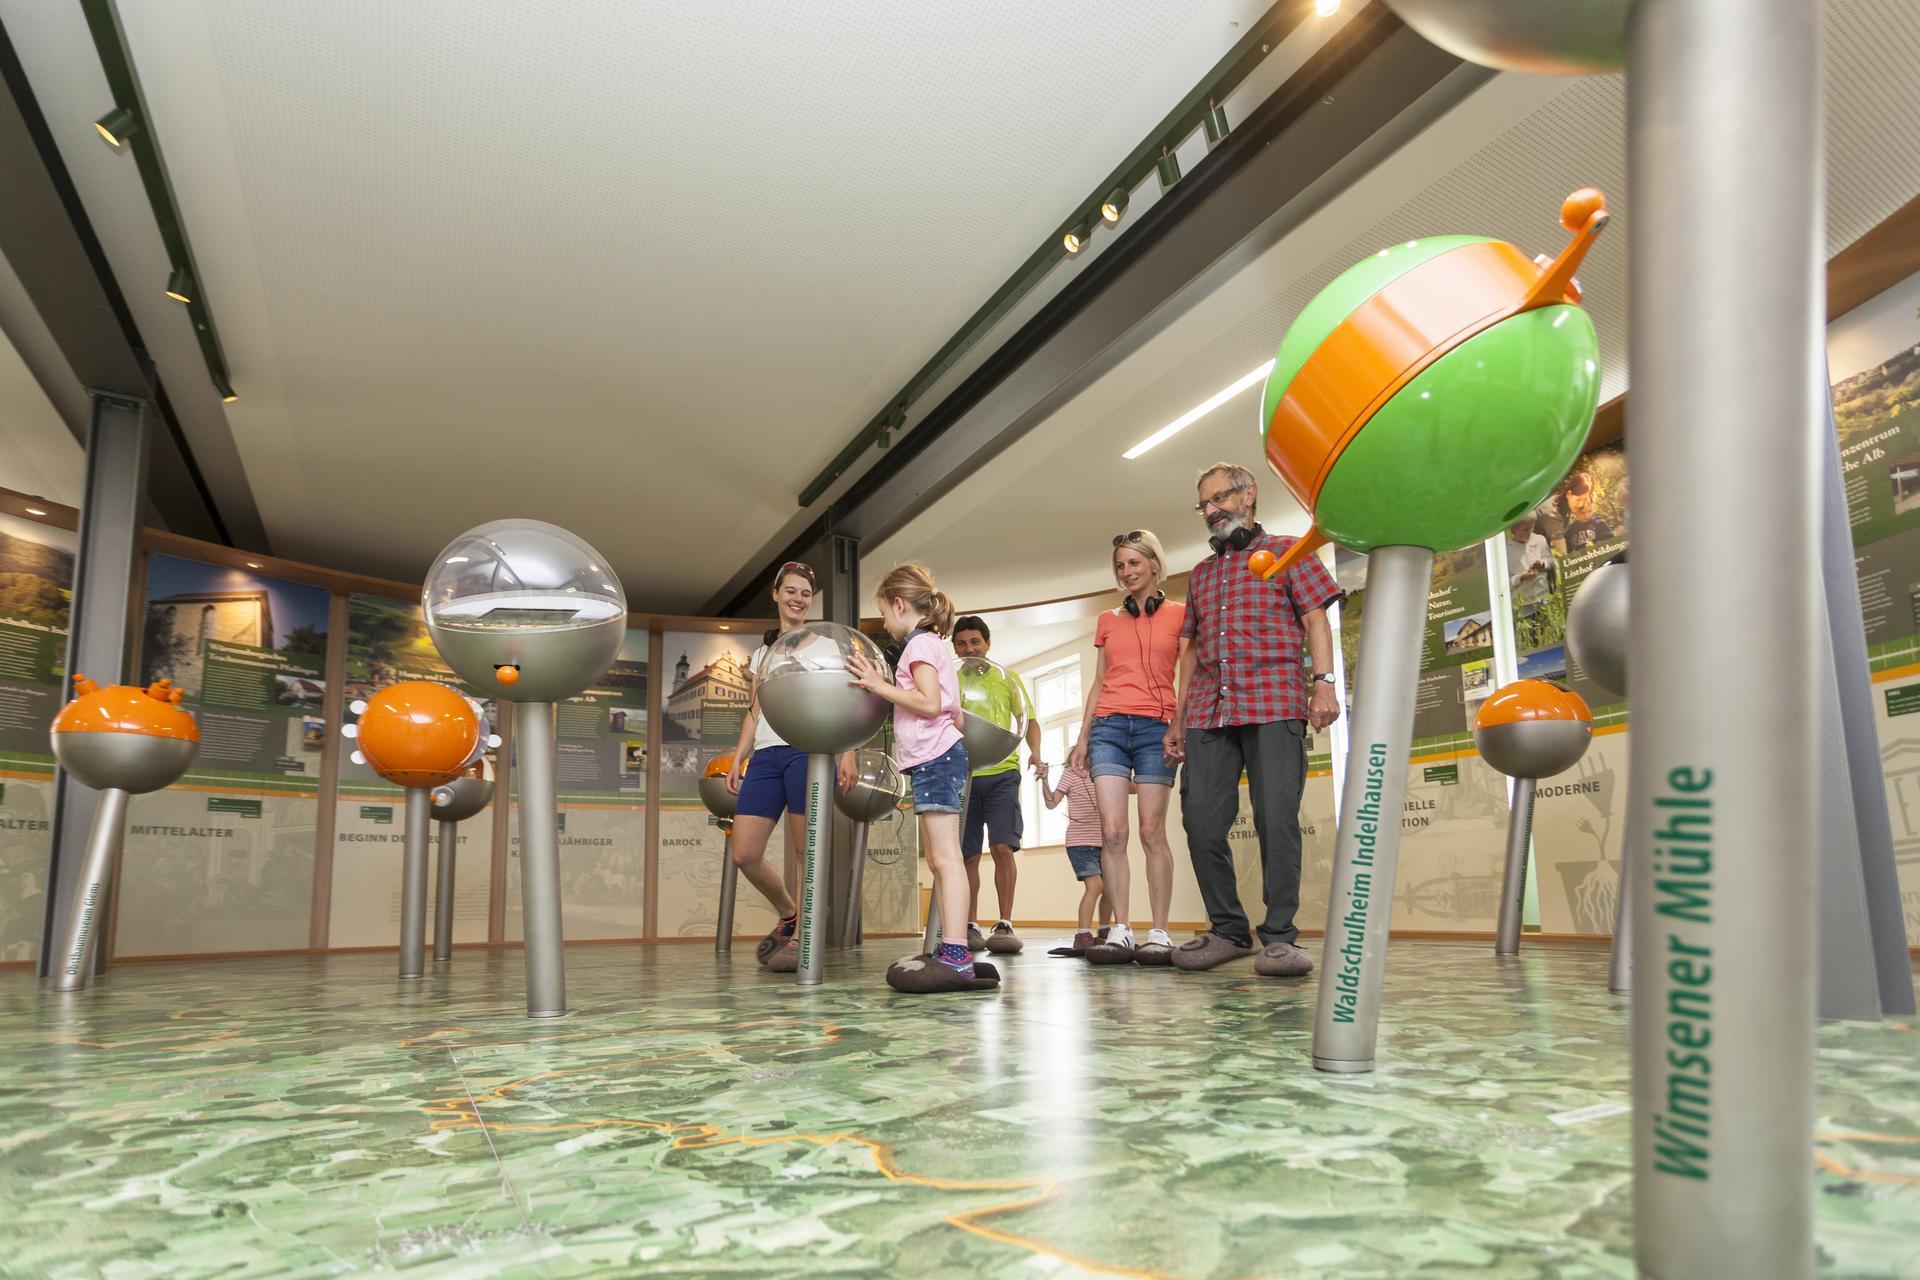 Mehrere Personen laufen über eine große Landkarte auf dem Boden. Überall stehen verschiedene Kugeln auf Säulen. Ringsherum sind Erklärtafeln.